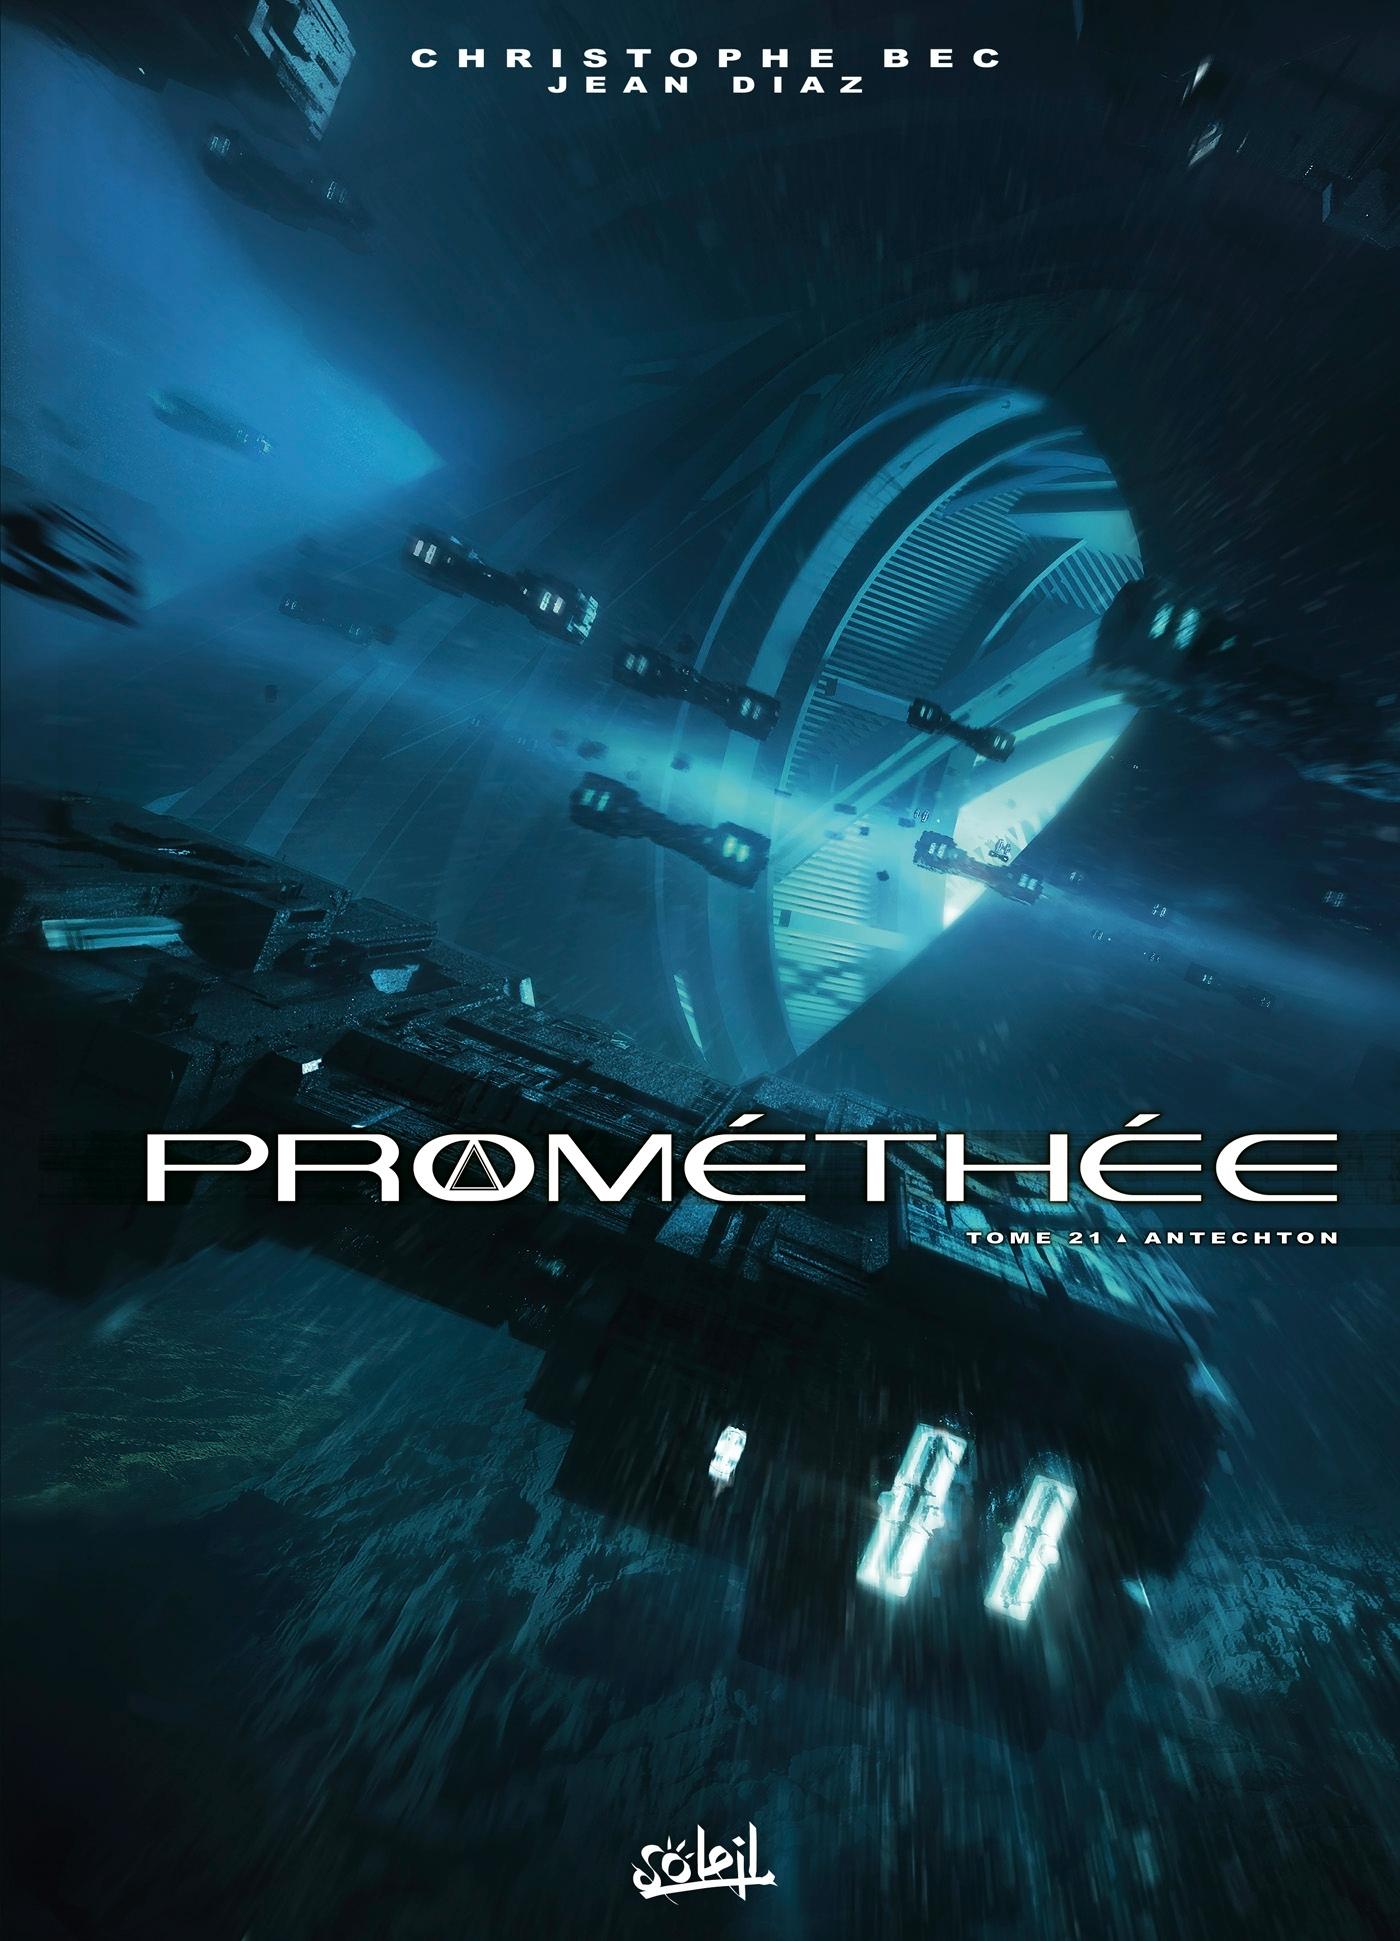 PROMETHEE T21 - ANTECHTON